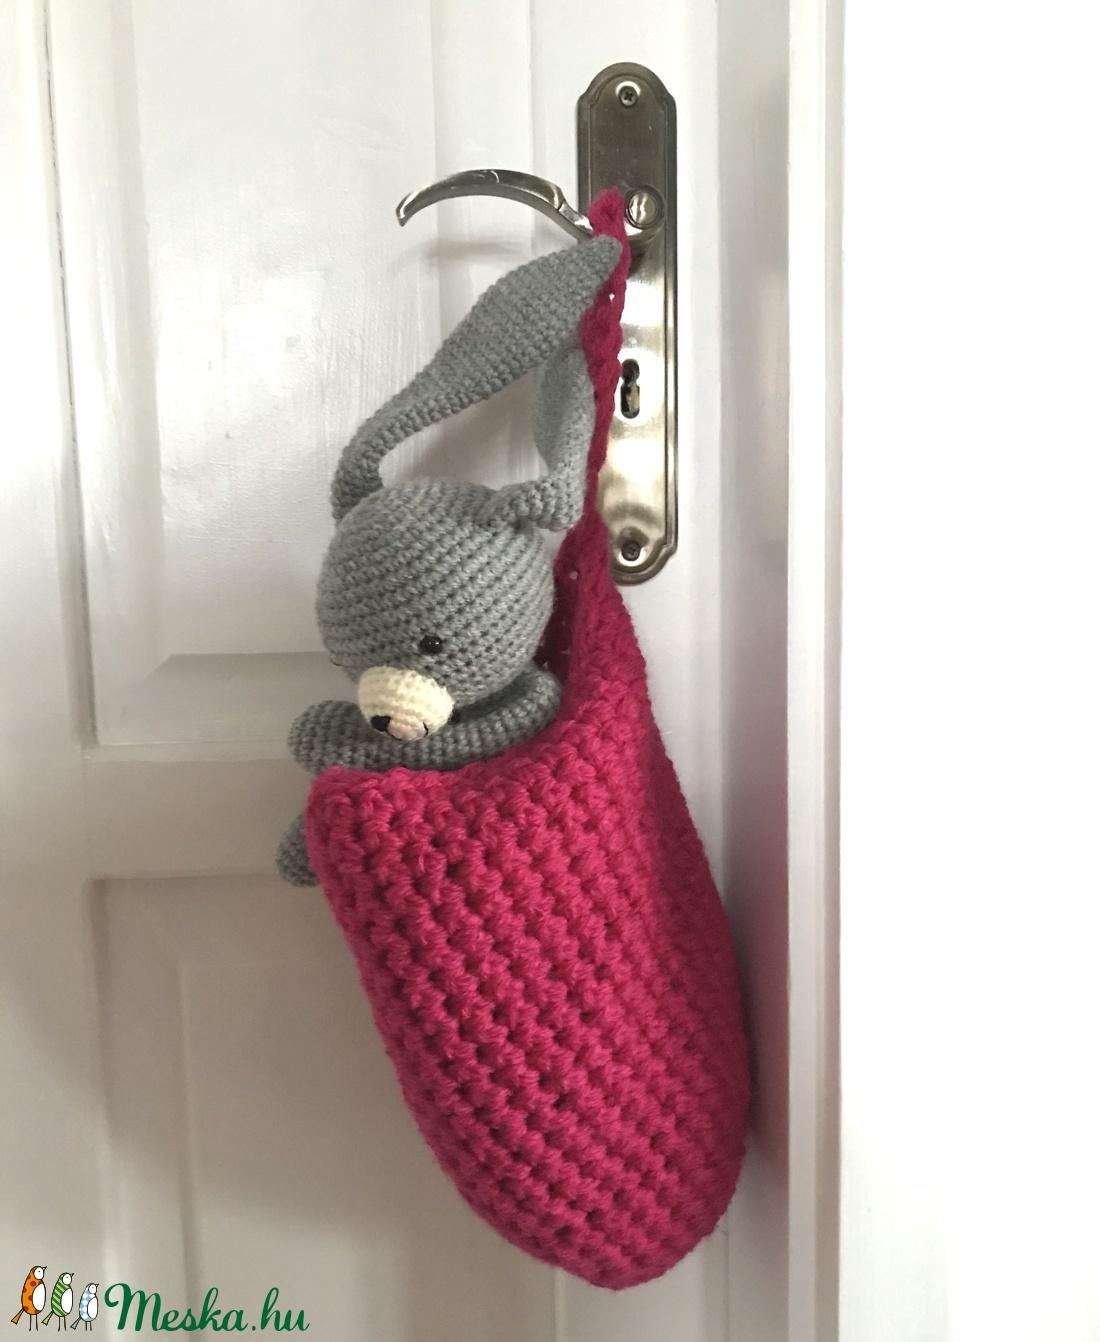 Egyedi pink színű, horgolt füles kosár, gyerekszobába, fürdőszobába - Artiroka design (Mesedoboz) - Meska.hu